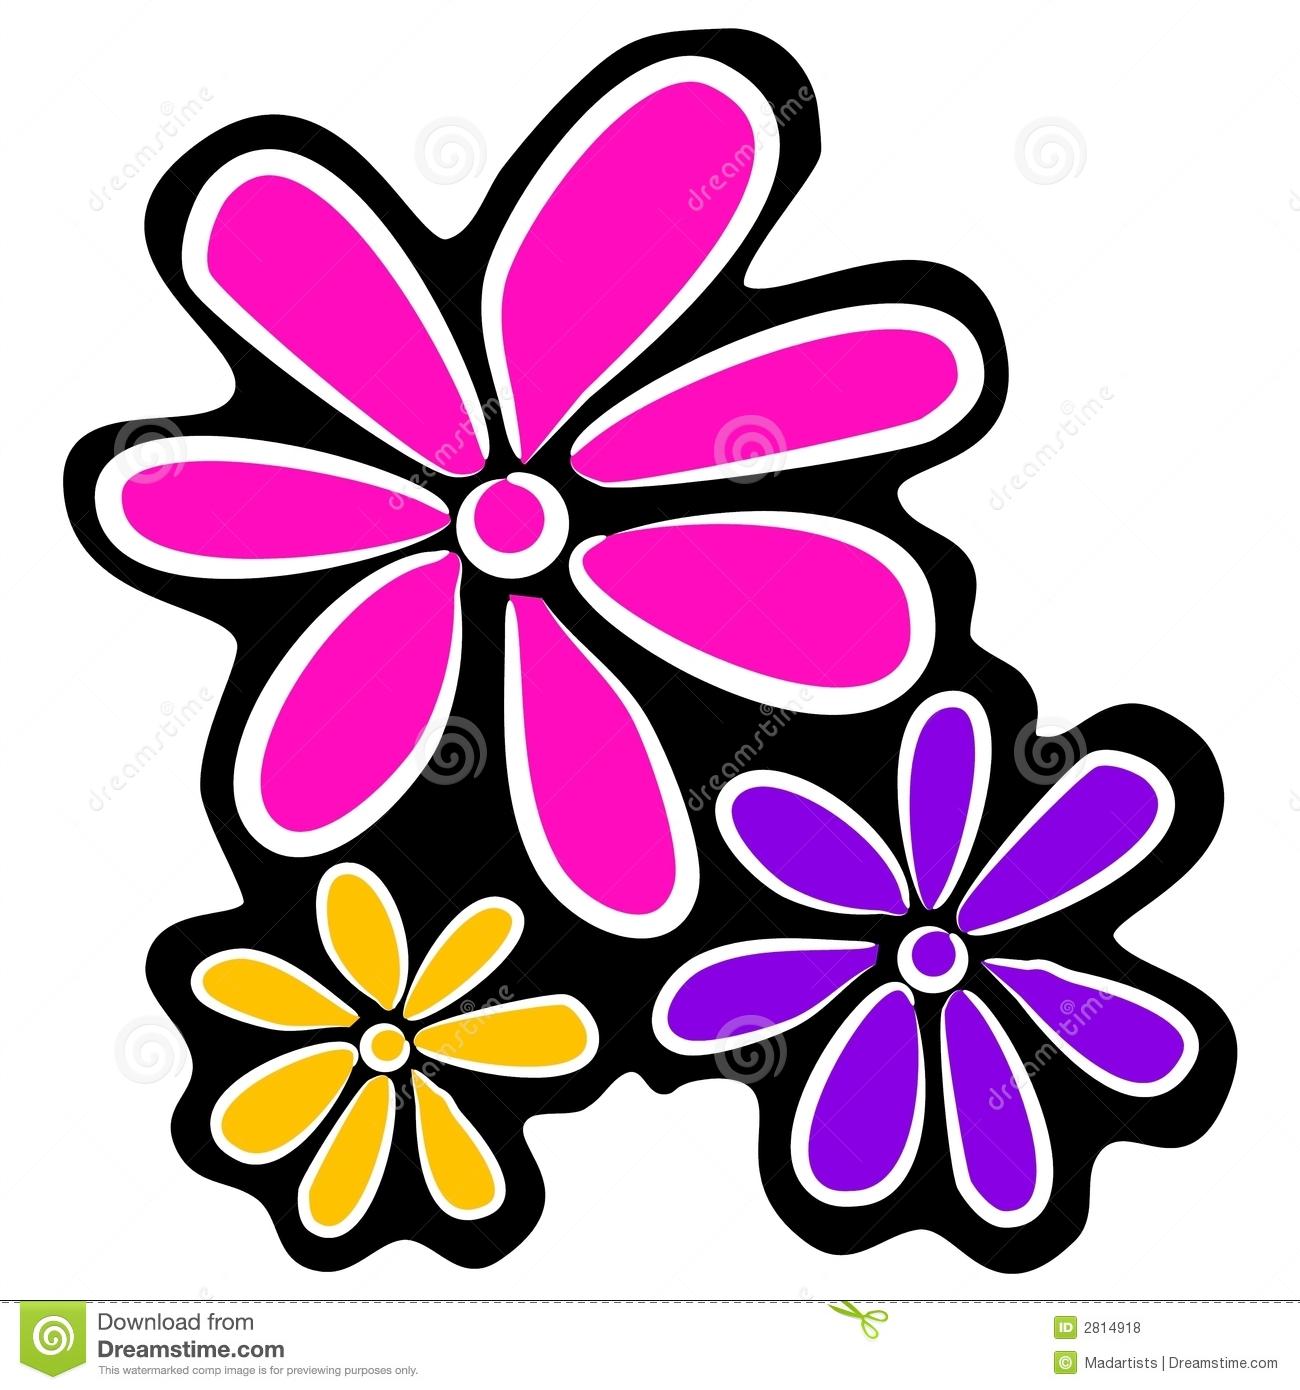 Imagens clipart flores.